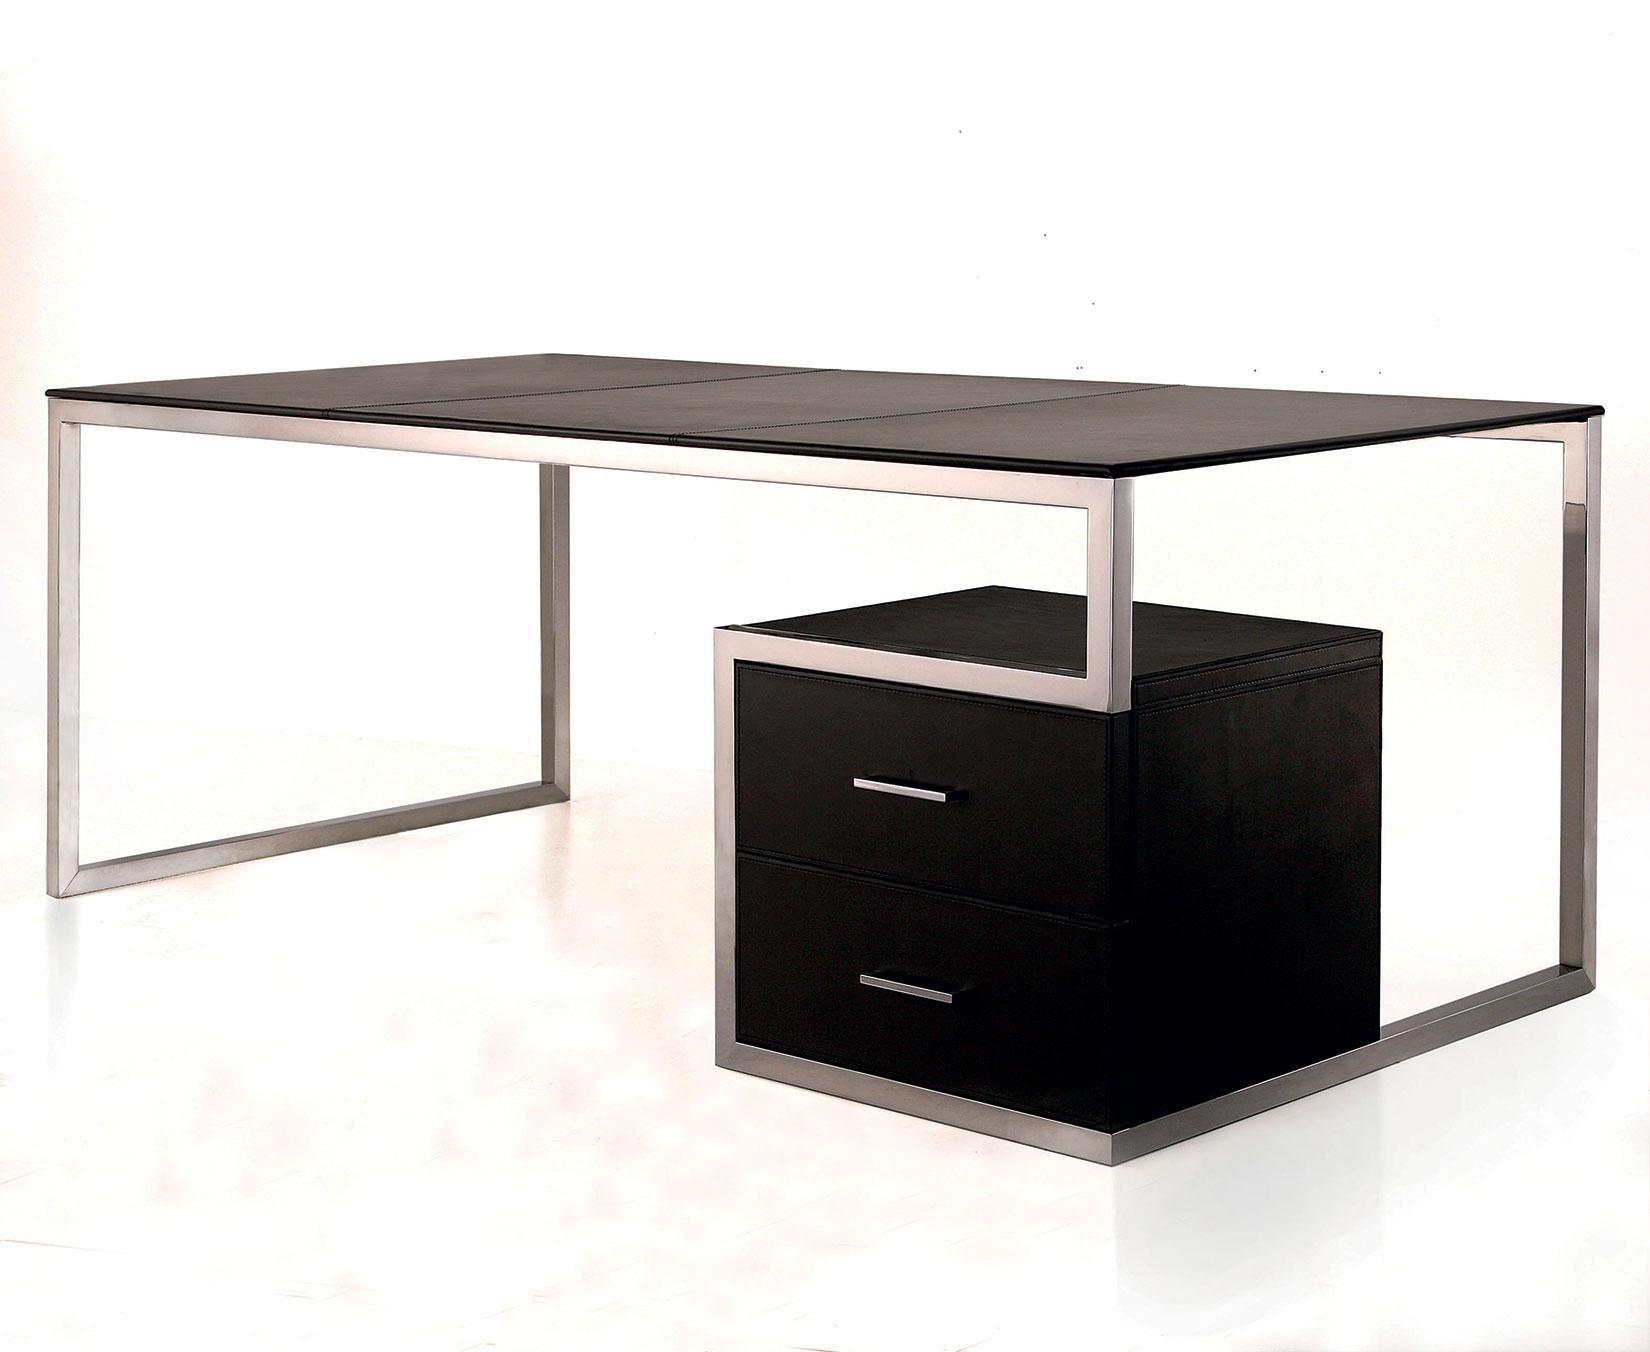 100 meuble bureau vente en ligne meublentub mobilier bureau tunisie mobiliers bureaux le - Vente meuble en ligne ...